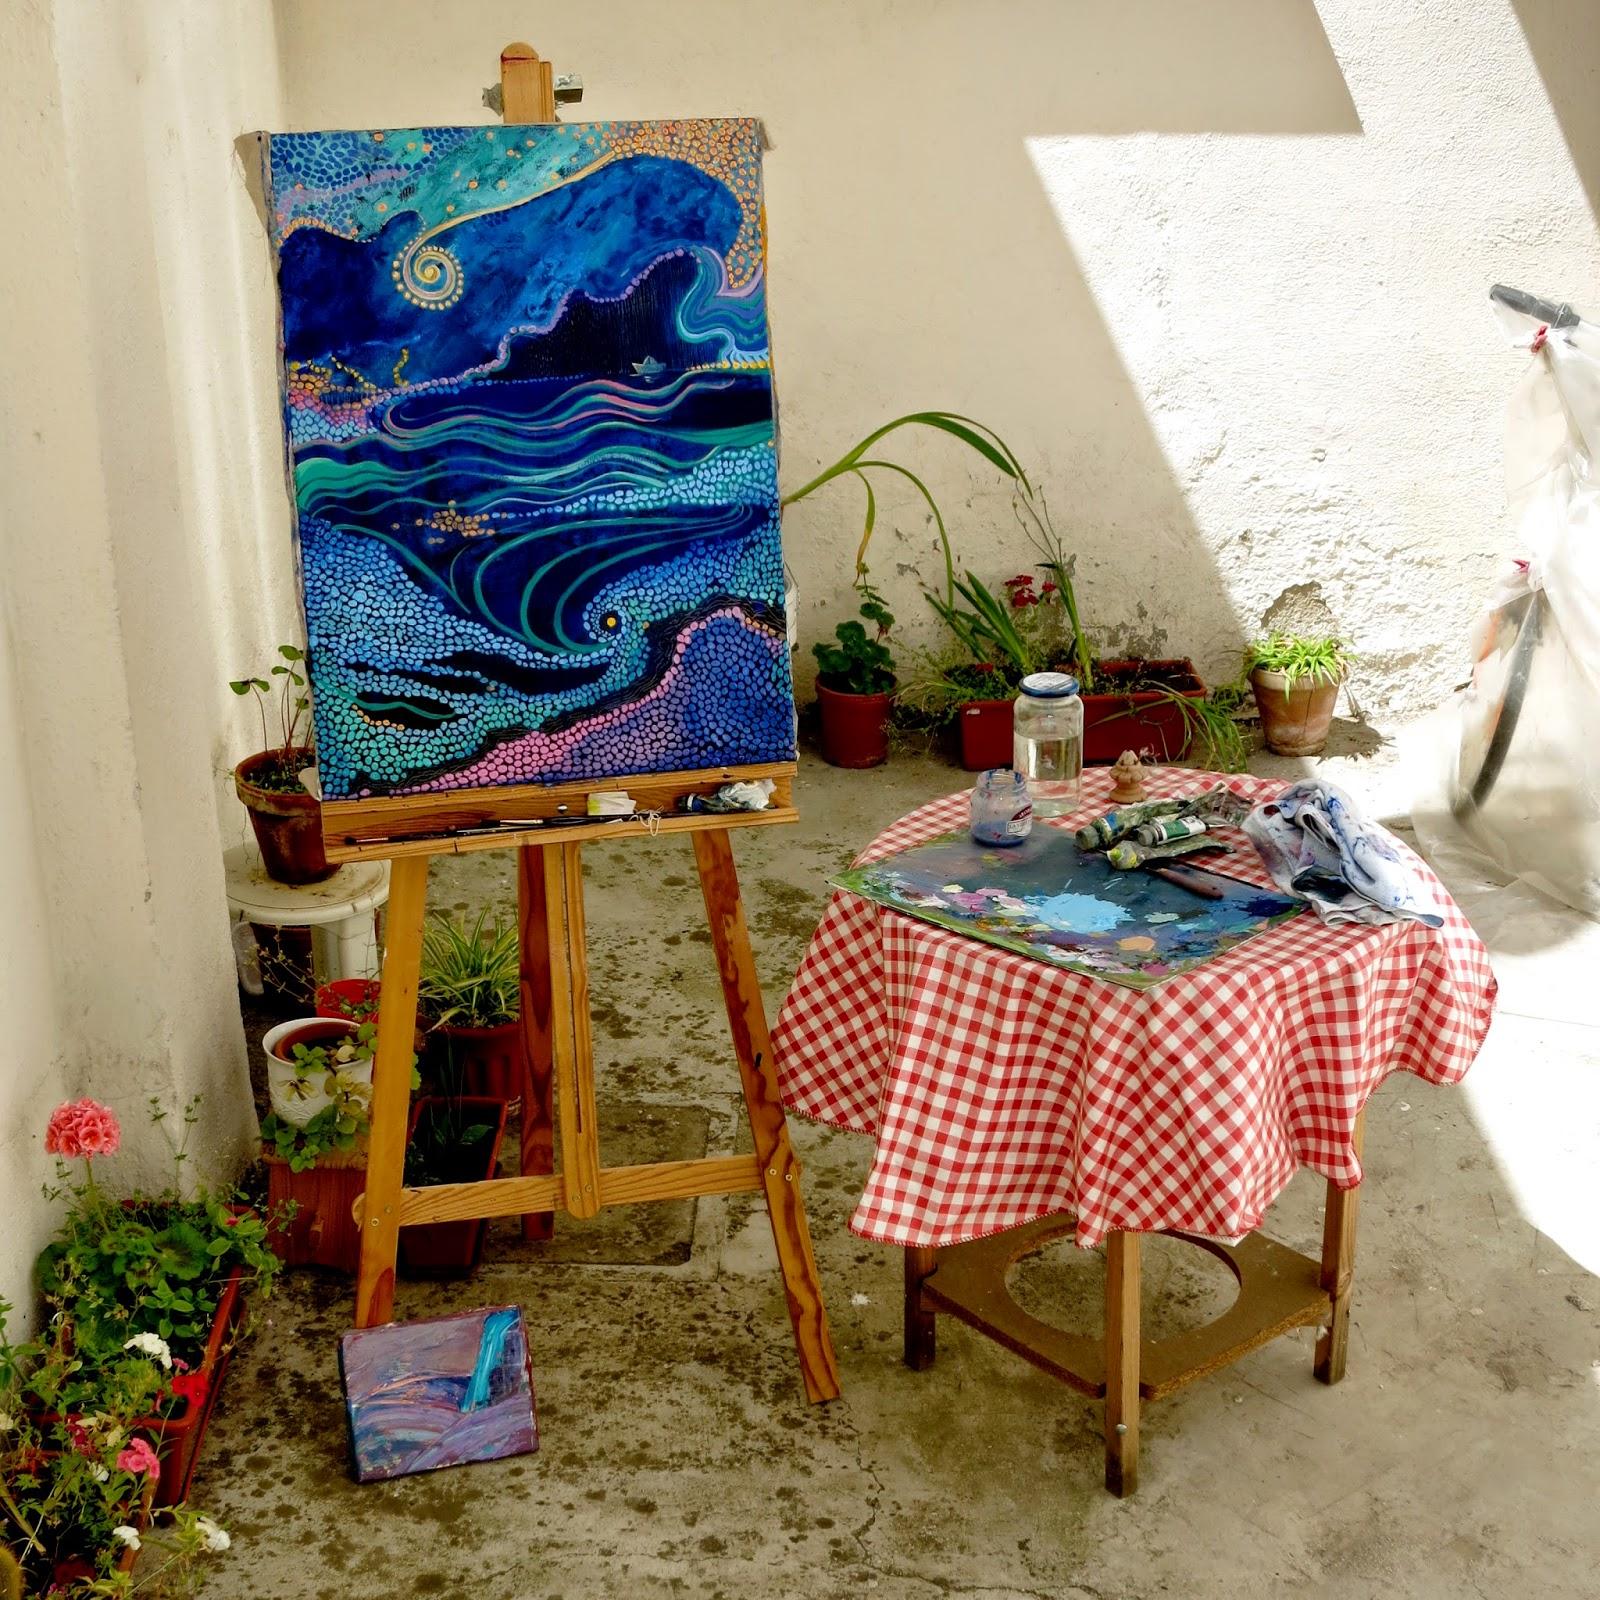 La Casa Matiz: Volver a pintar